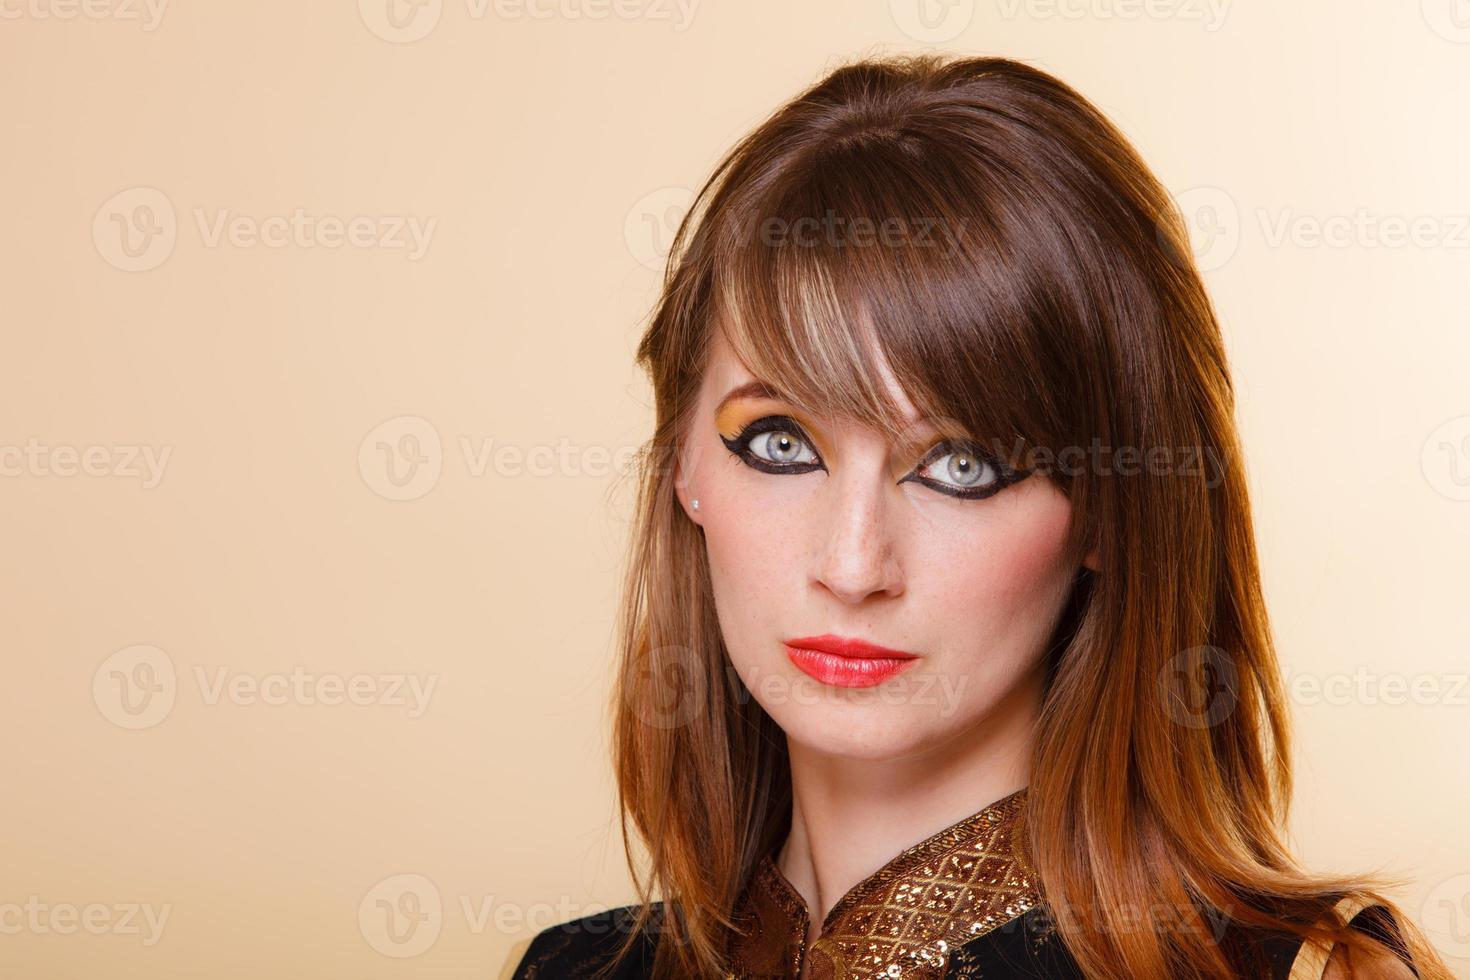 Retrato Oriente chica con maquillaje foto